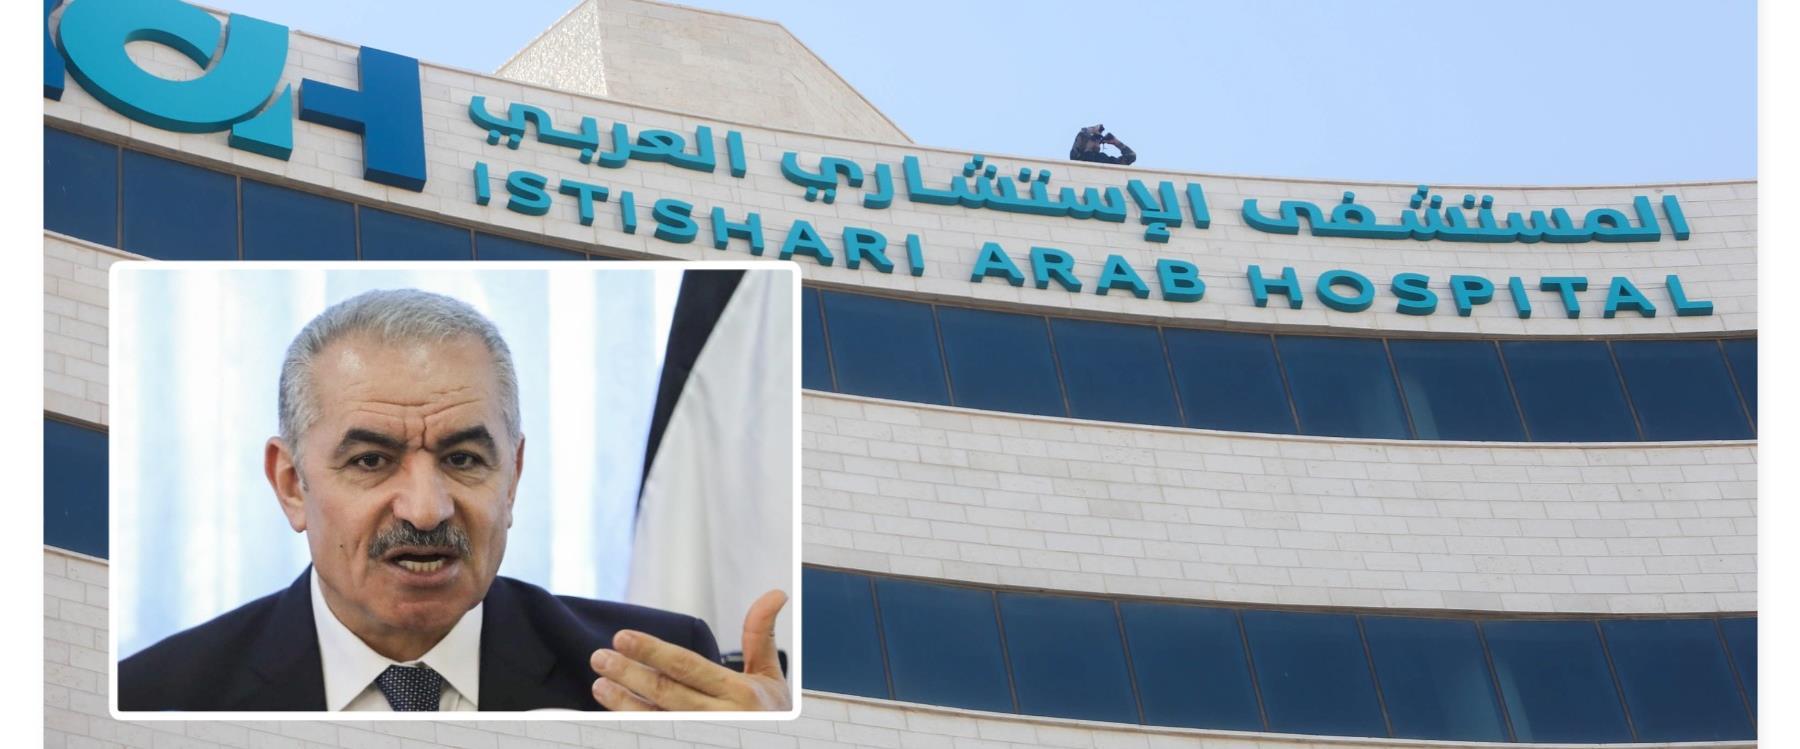 ראש הממשלה הפלסטיני מוחמד שתאייה, בית החולים איסתי